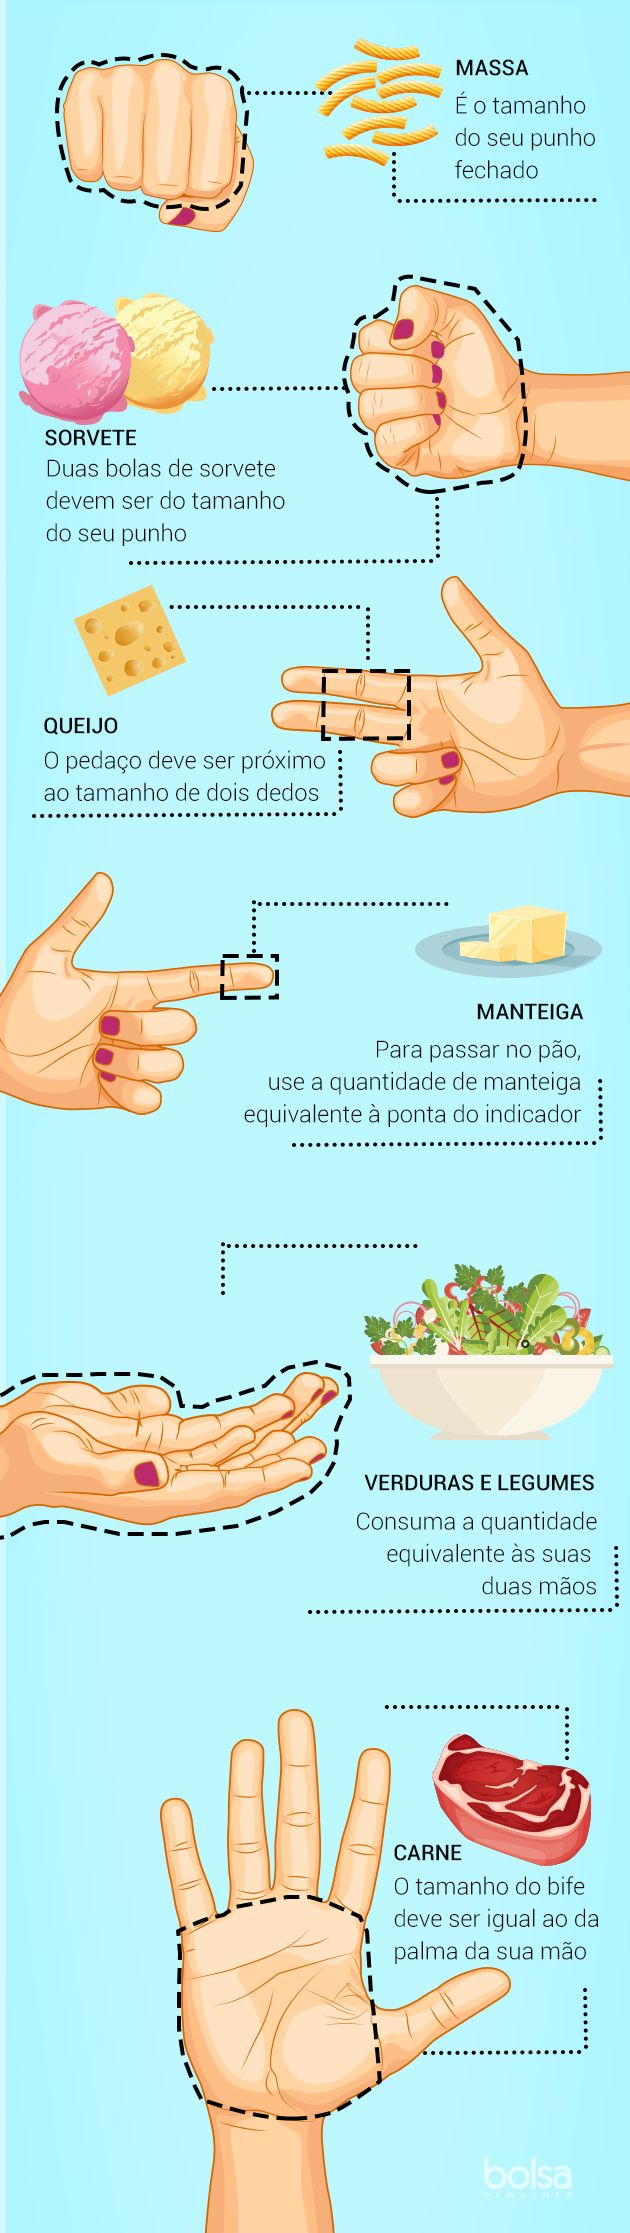 Seguir uma dieta balanceada depende, dentre outros fatores, do que você come, da quantidade de cada grupo alimentar no seu prato, da forma de preparo da comida e do horário da refeição. São tantos fatores para nos preocuparmos que uma matéria do site Guard Your Health baseada em informações do Departamento